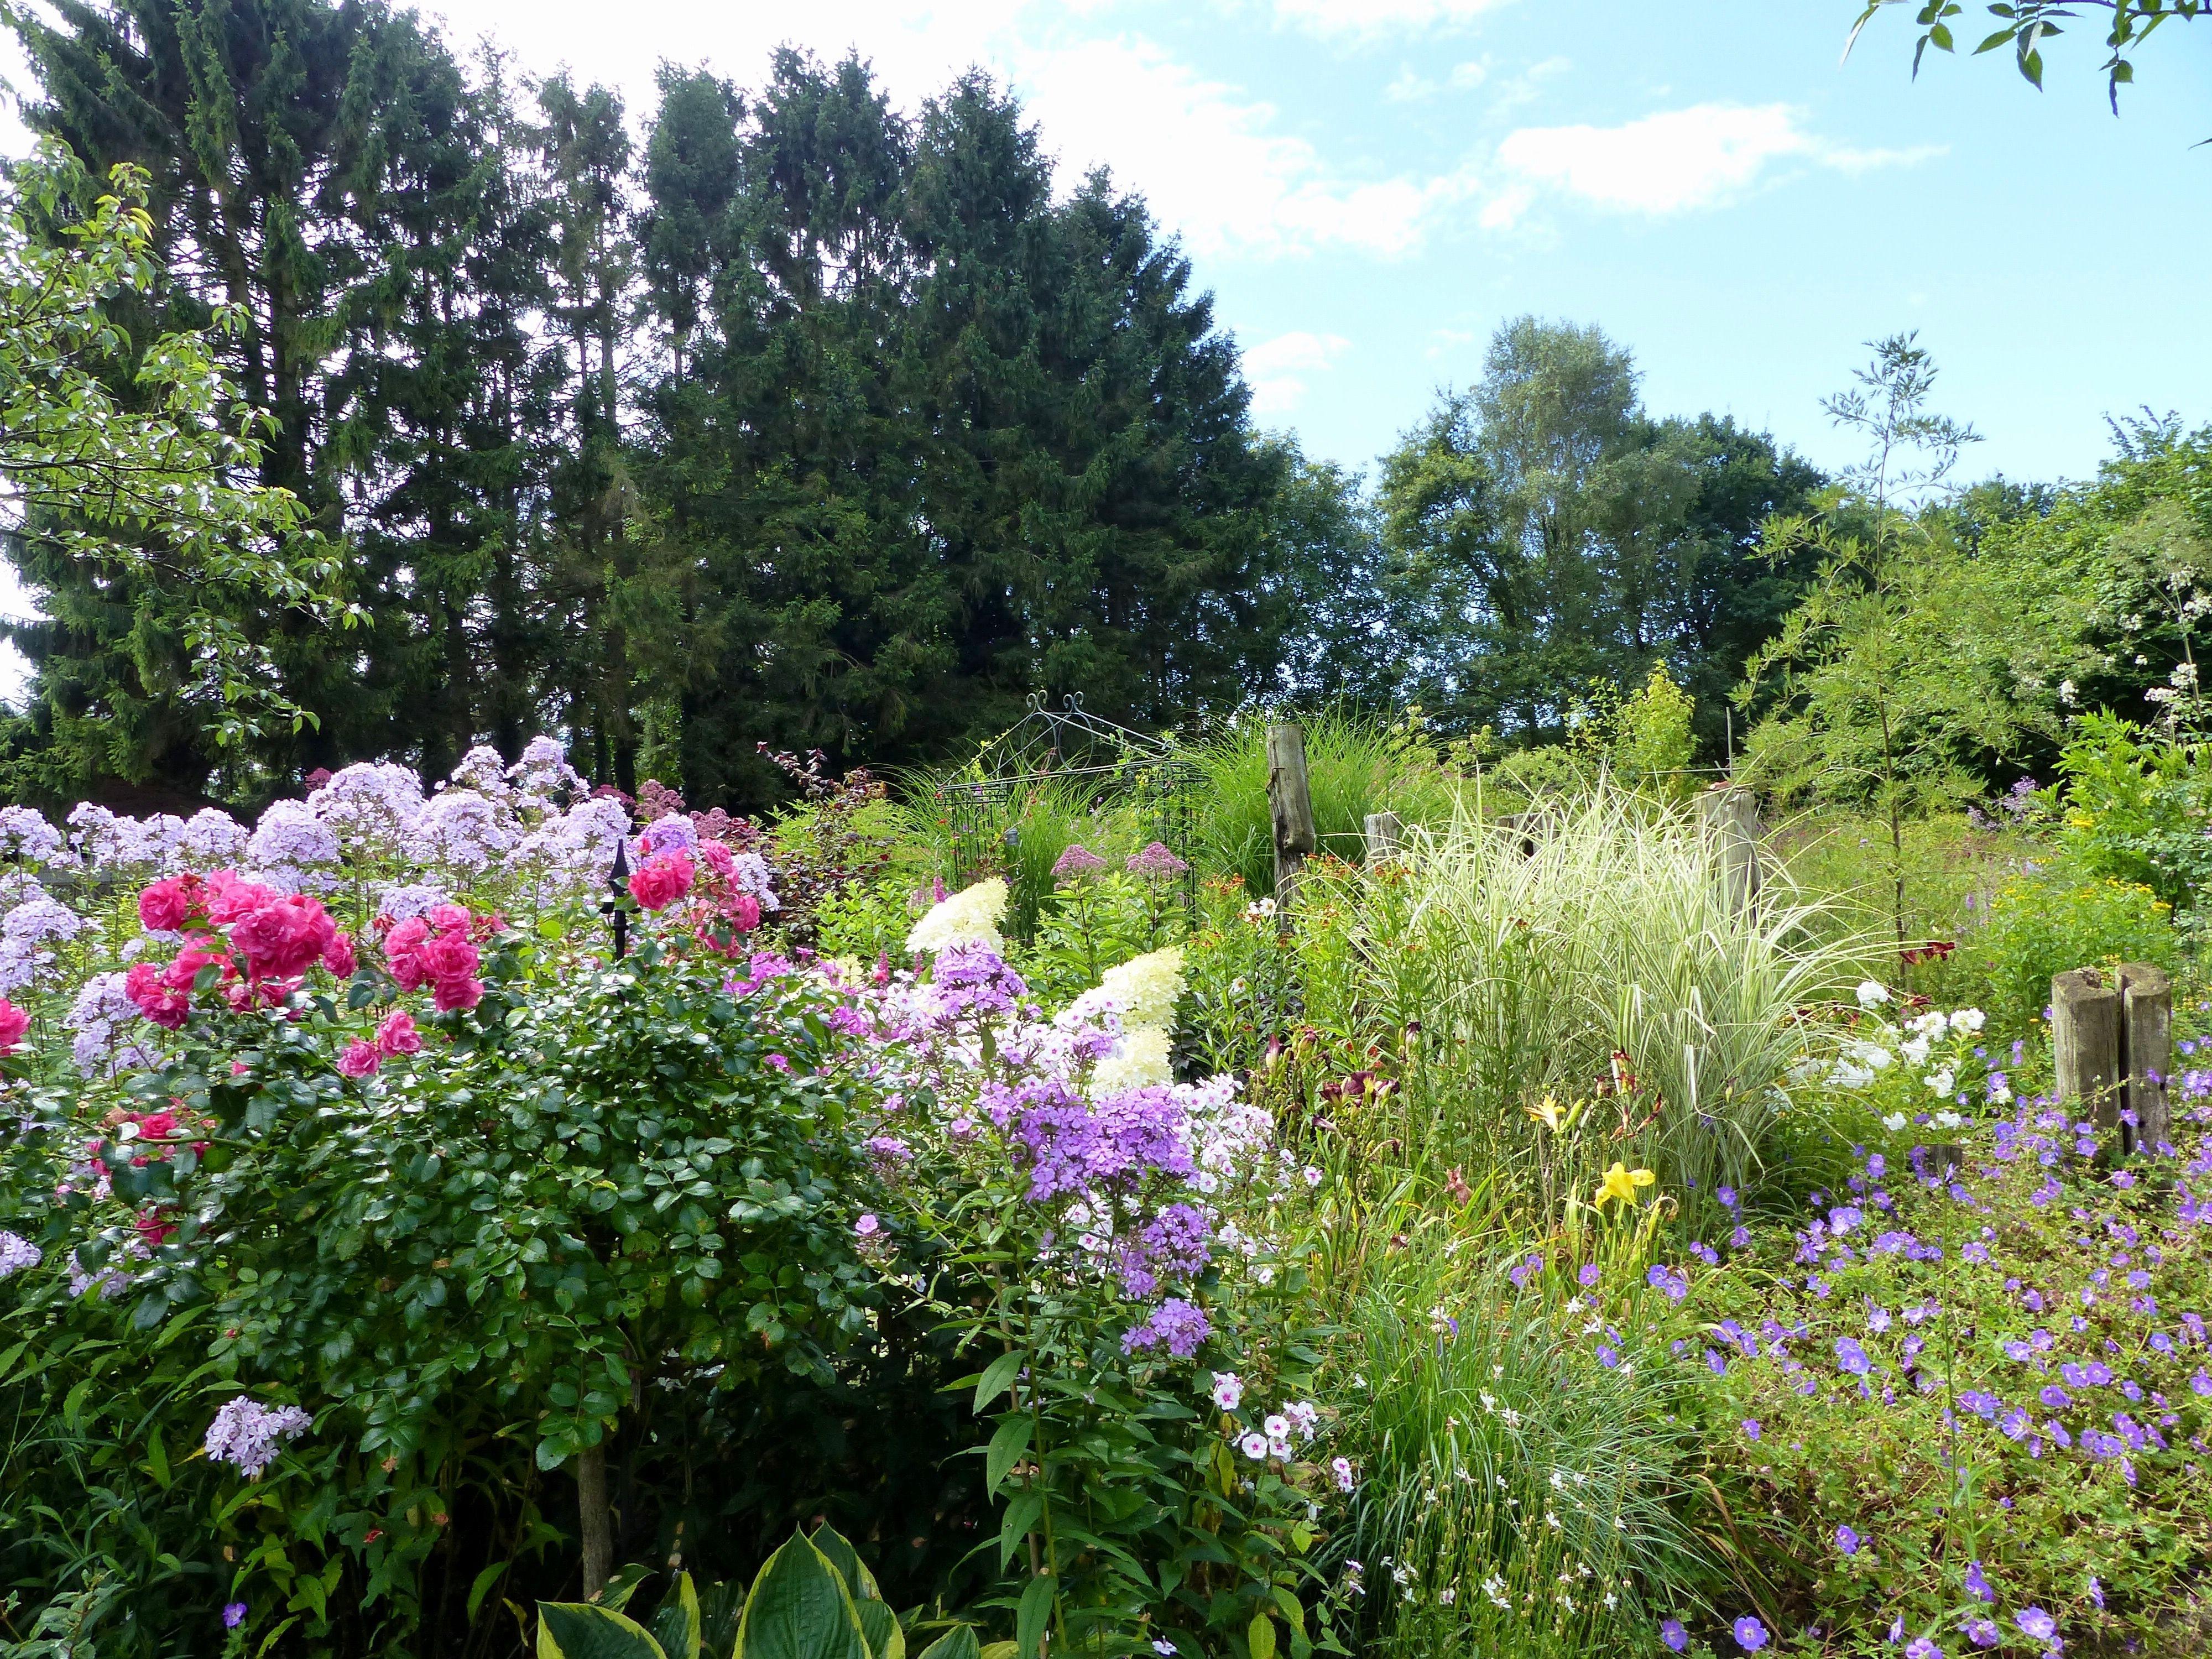 Hier Sehen Wir Einen Tollen Stauden Graser Garten Der Spannende Mix Aus Stauden Und Die Graser Die Die Ganze Gartensituation Auflockern Stauden Pflanzen Gras